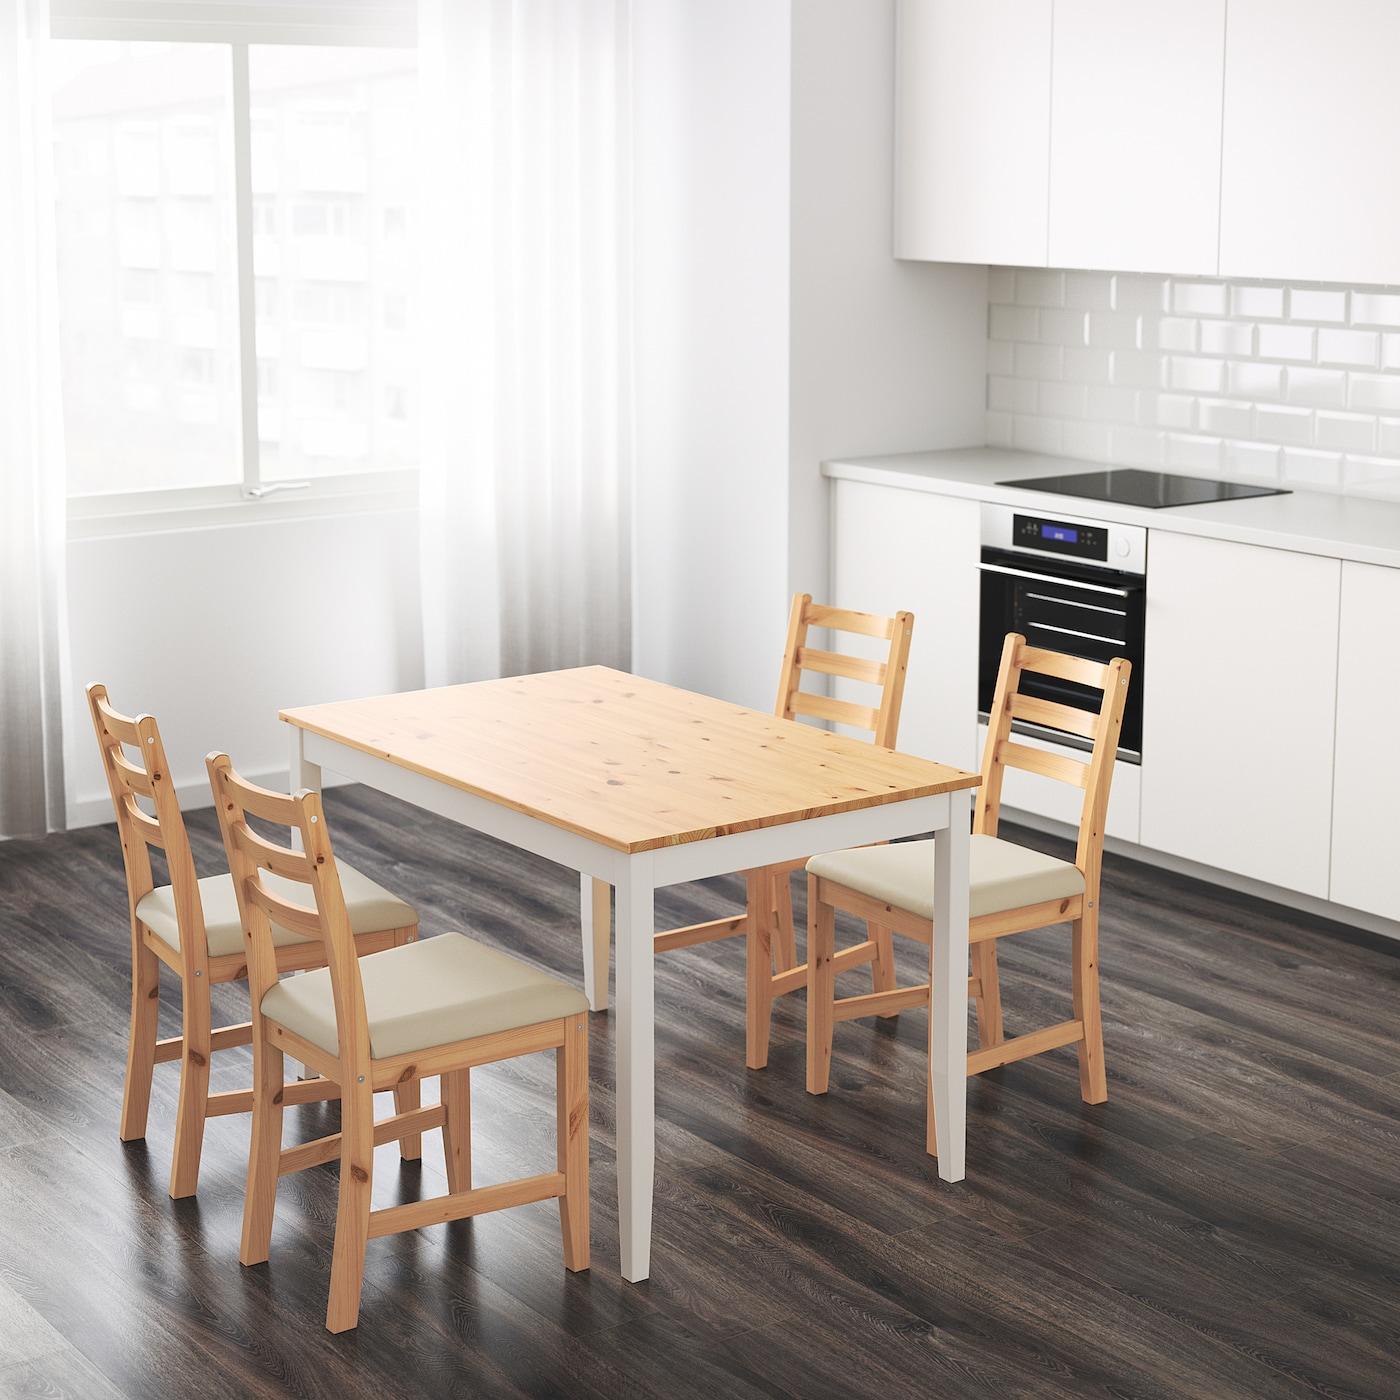 LERHAMN Tisch Antikbeize hellweiß gebeizt 118x74 cm